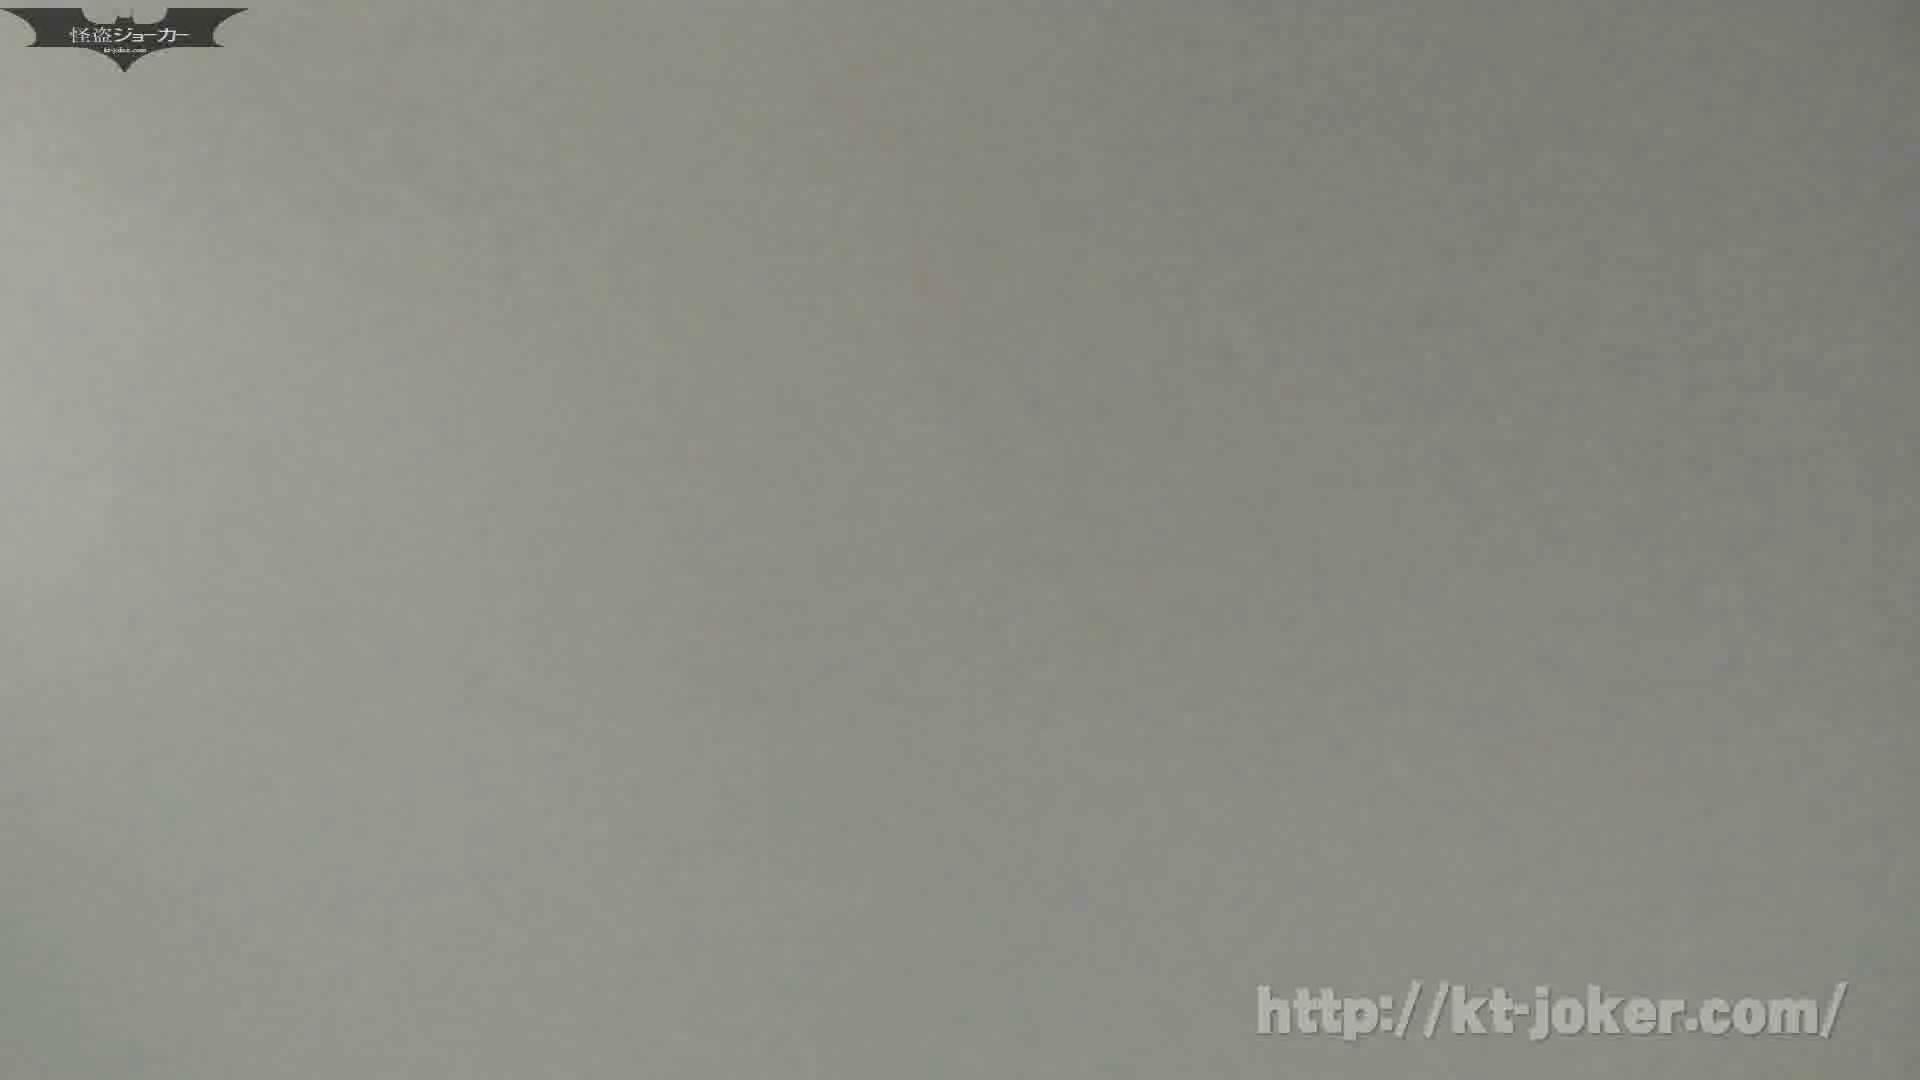 命がけ潜伏洗面所! vol.58 さらなる無謀な挑戦、新アングル、壁に穴を開ける 洗面所  110画像 87